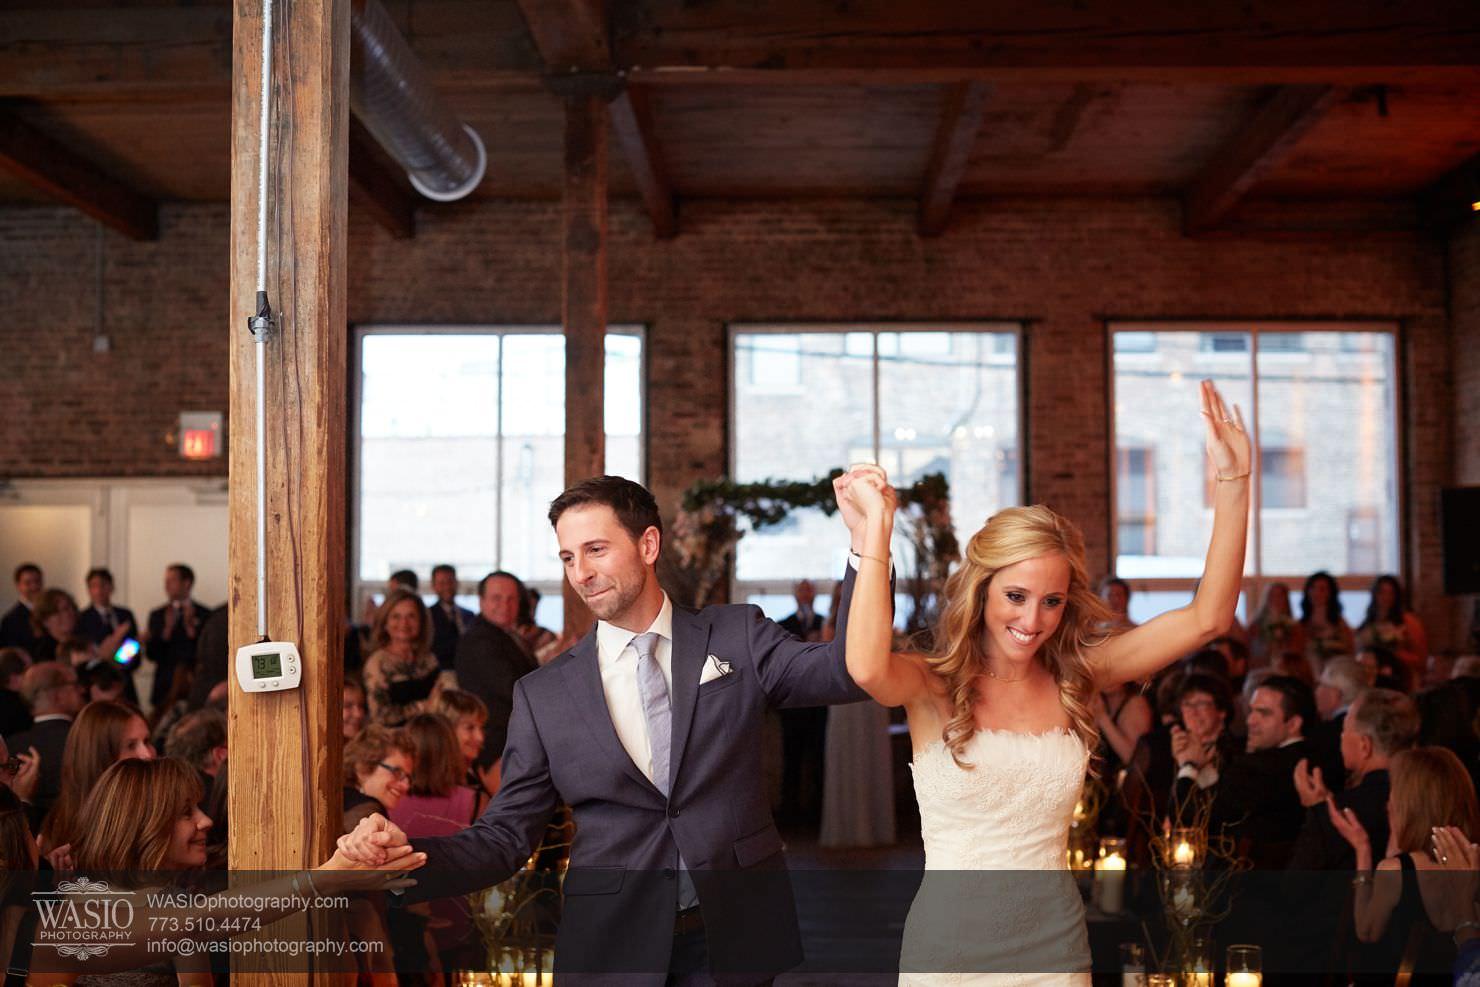 34_Chicago-Gallery-Wedding_0O3A8901 Chicago Gallery Wedding - Courtney + Danny